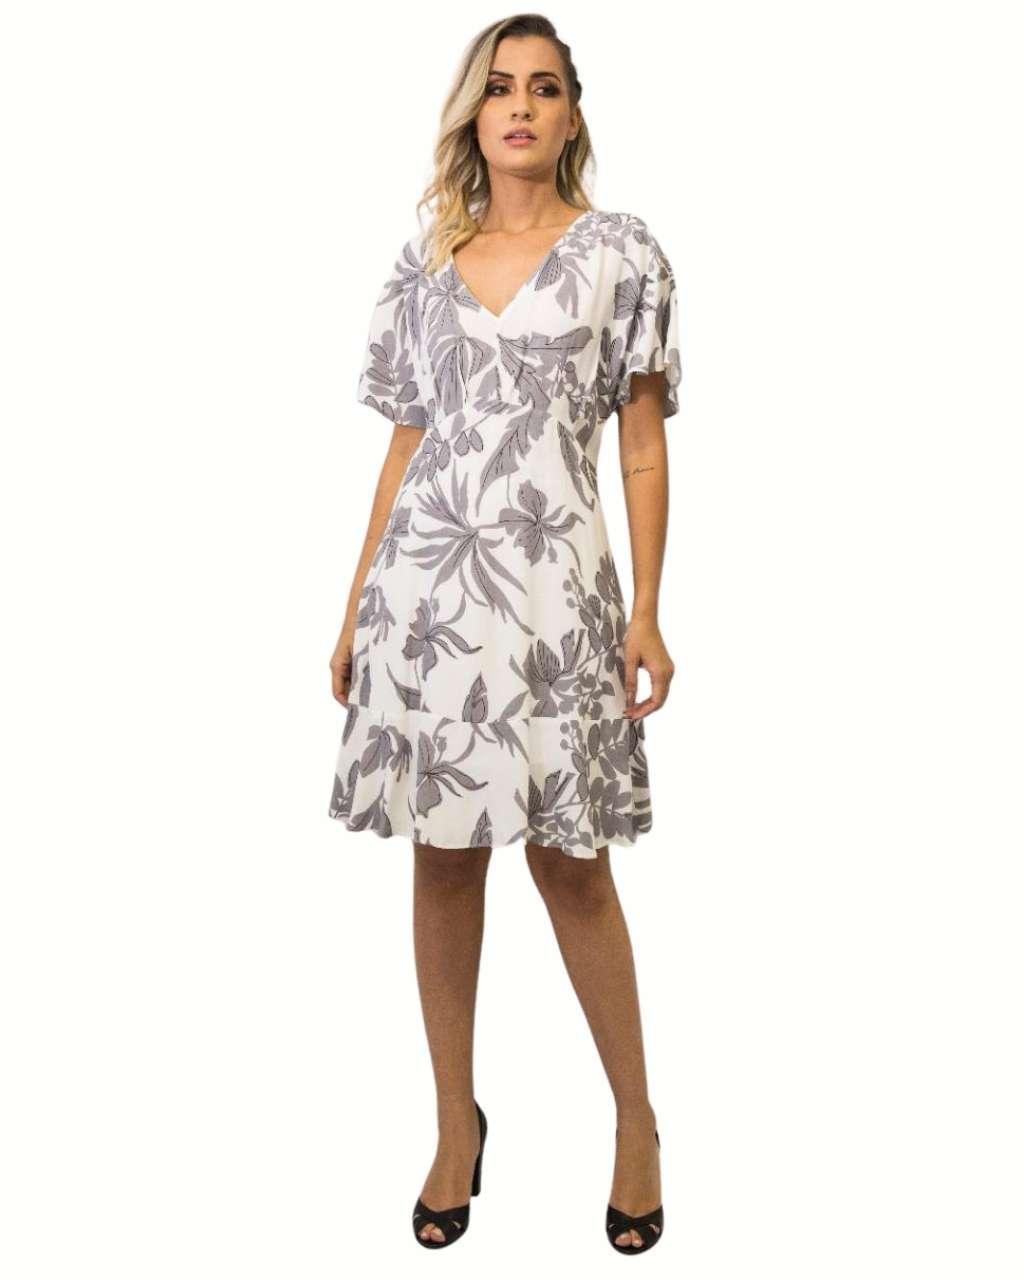 Vestido Fê Palazzo 22462 Delicadeza Curto